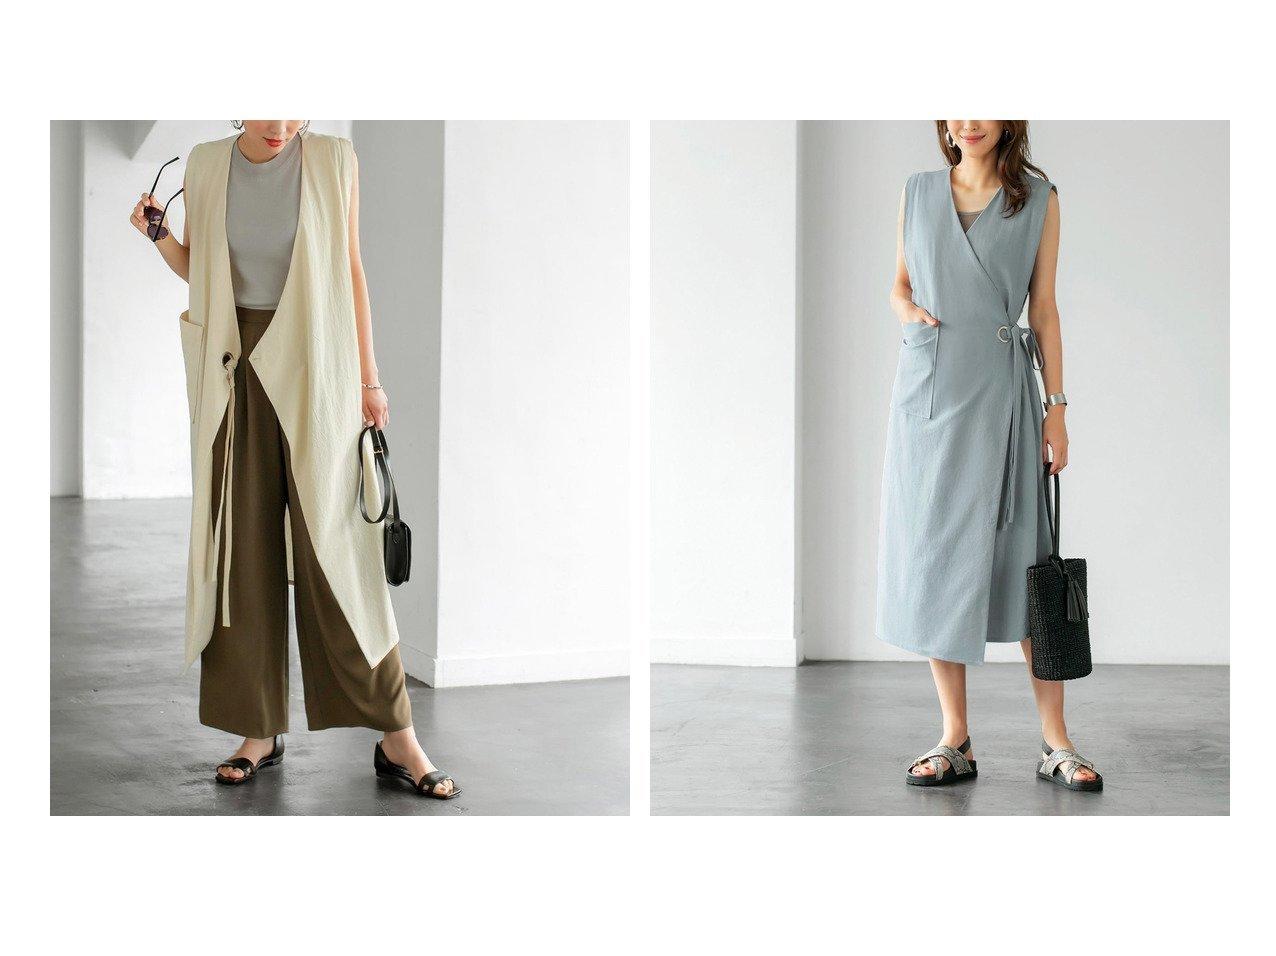 【STYLE DELI/スタイルデリ】のベストにもなるラップワンピース 【アウター】おすすめ!人気、トレンド・レディースファッションの通販 おすすめで人気の流行・トレンド、ファッションの通販商品 インテリア・家具・メンズファッション・キッズファッション・レディースファッション・服の通販 founy(ファニー) https://founy.com/ ファッション Fashion レディースファッション WOMEN アウター Coat Outerwear イエロー インナー カシュクール カットソー シルバー スリット タンク デニム パッチ ベスト ペチコート ポケット 半袖 ラップ リボン レギンス 再入荷 Restock/Back in Stock/Re Arrival |ID:crp329100000059748